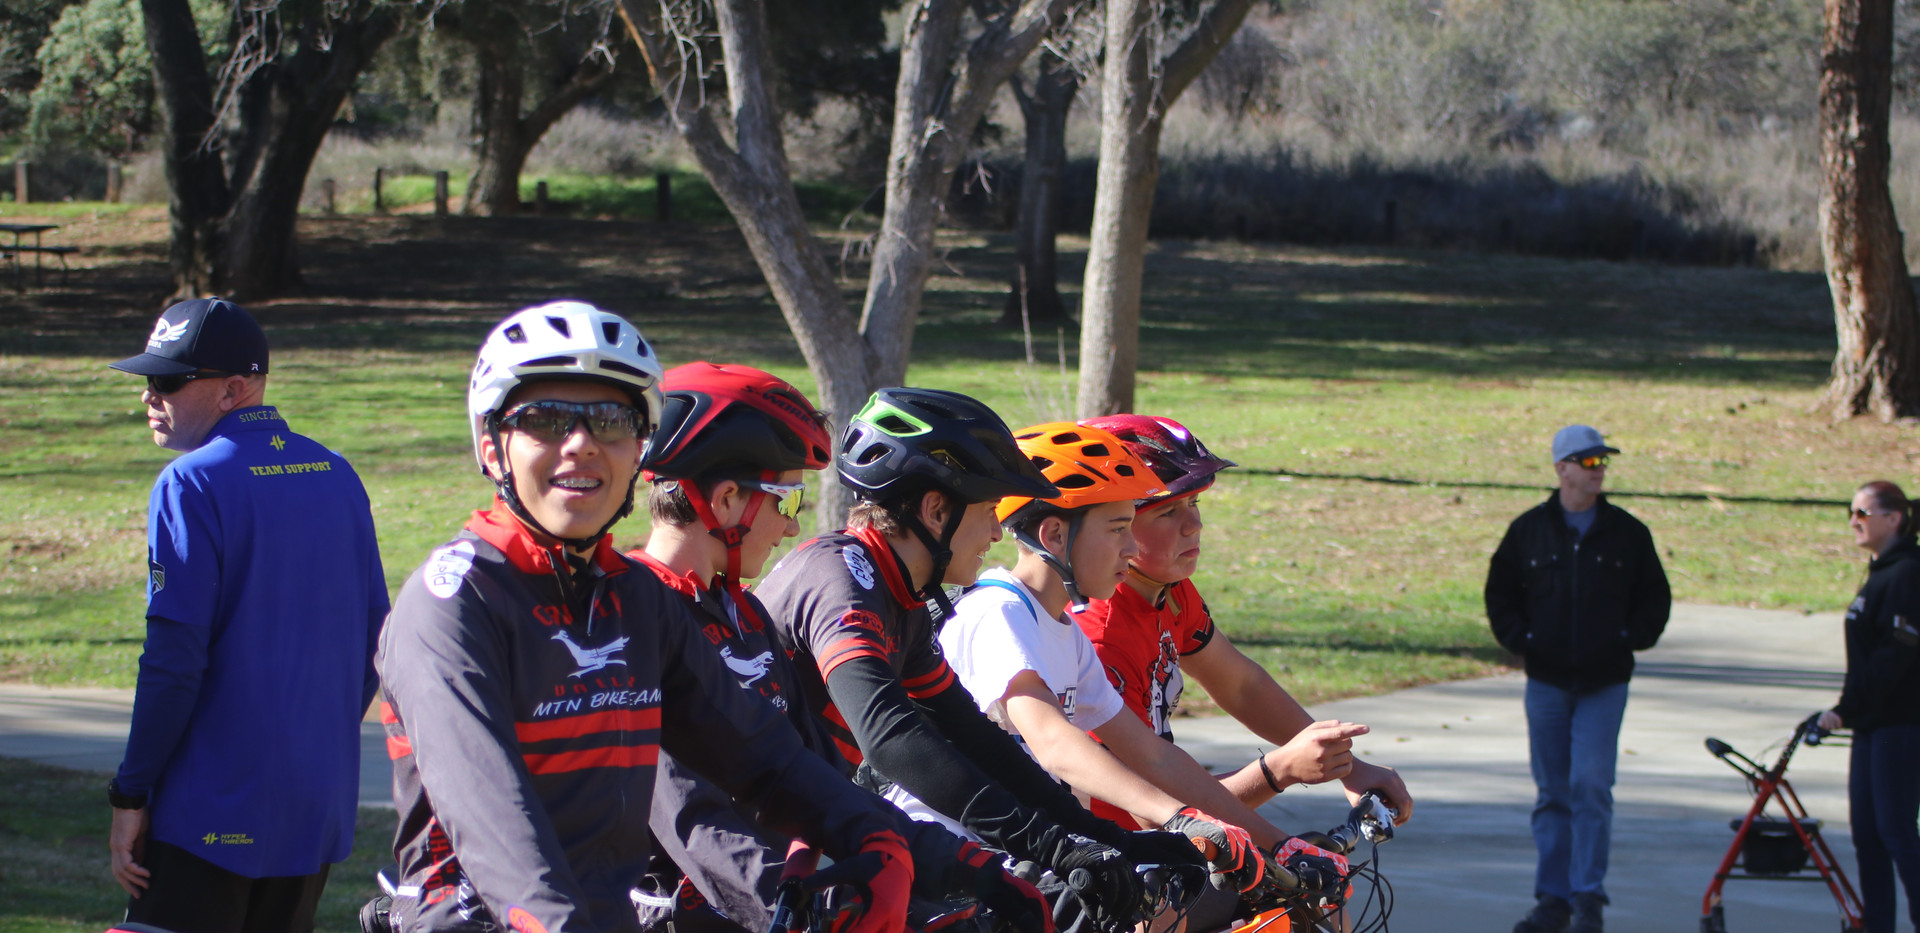 Roadrunner Beaumont Ride_0006.JPG